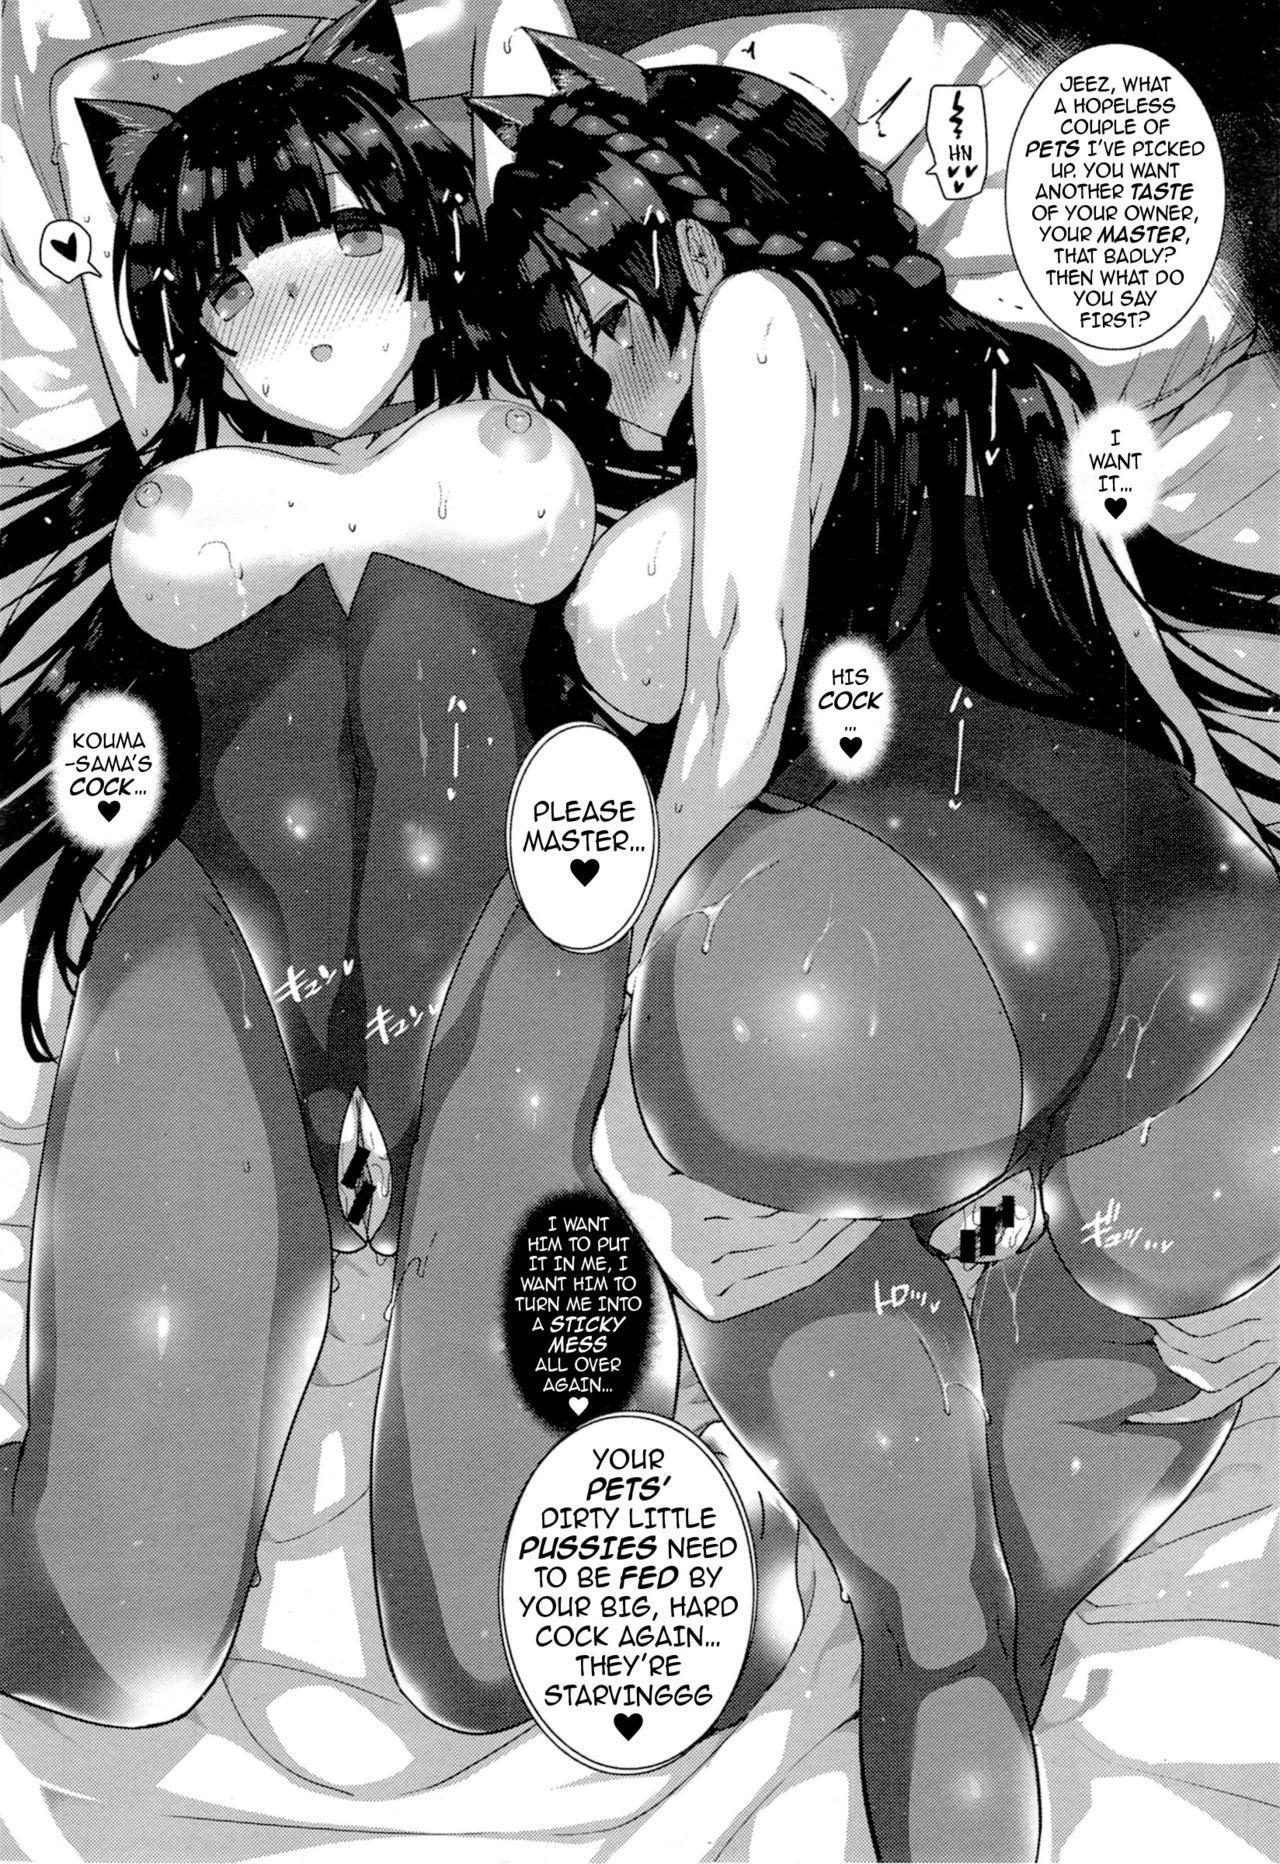 [Katsurai Yoshiaki] Amatsuka Gakuen no Ryoukan Seikatsu | Angel Academy's Hardcore Dorm Sex Life 1-2, 4-9 [English] {darknight} [Digital] 48